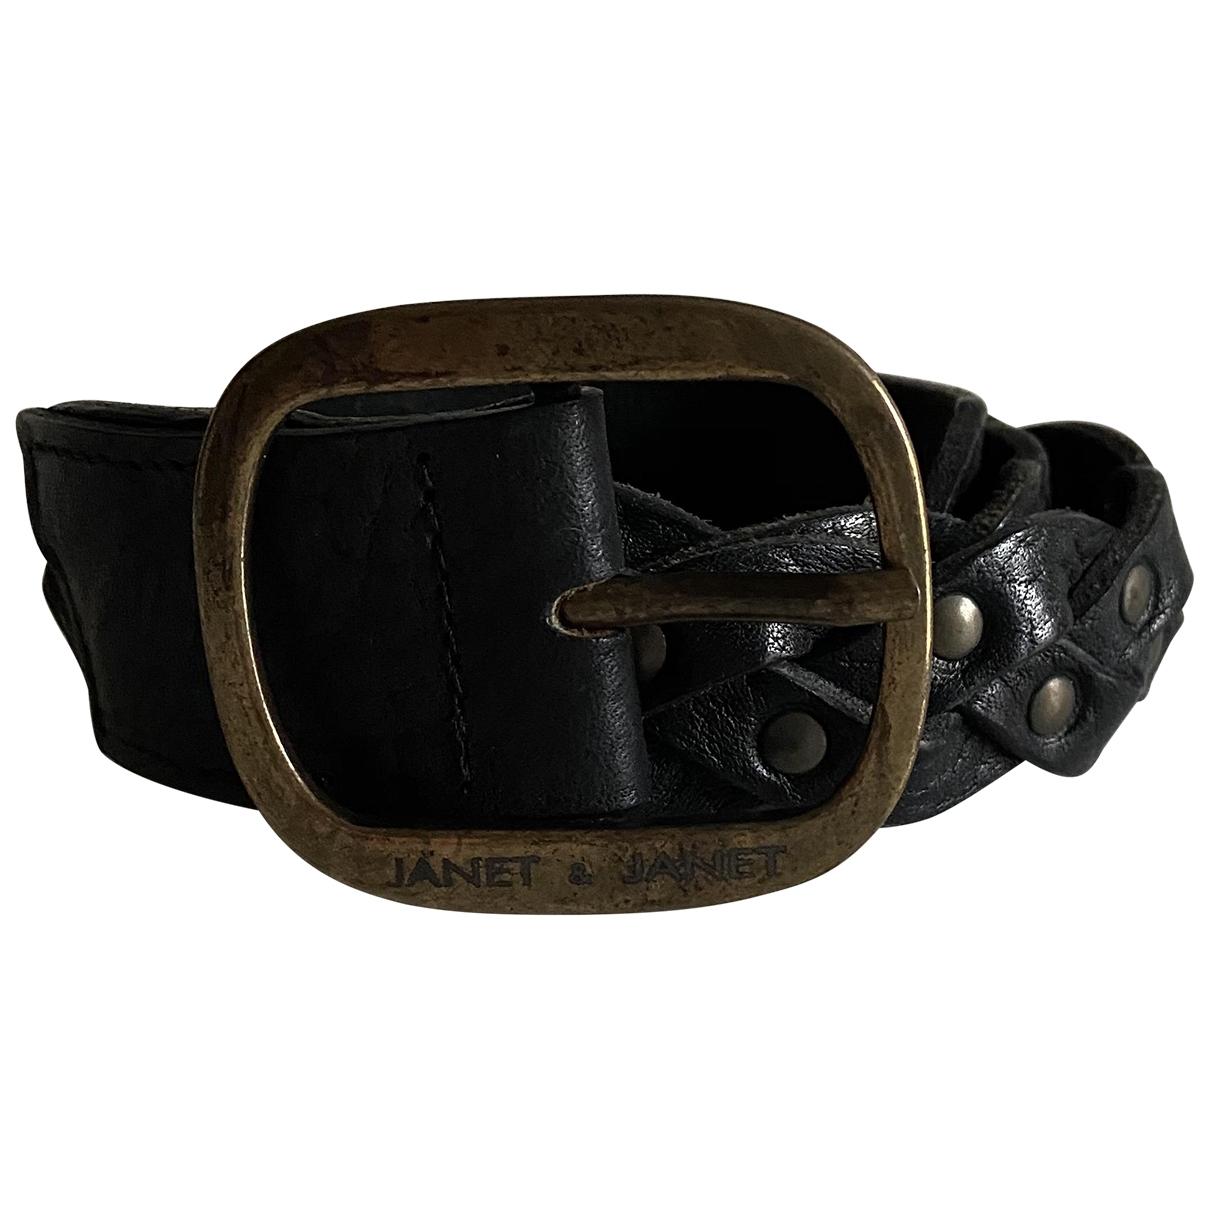 Cinturon de Cuero Janet & Janet